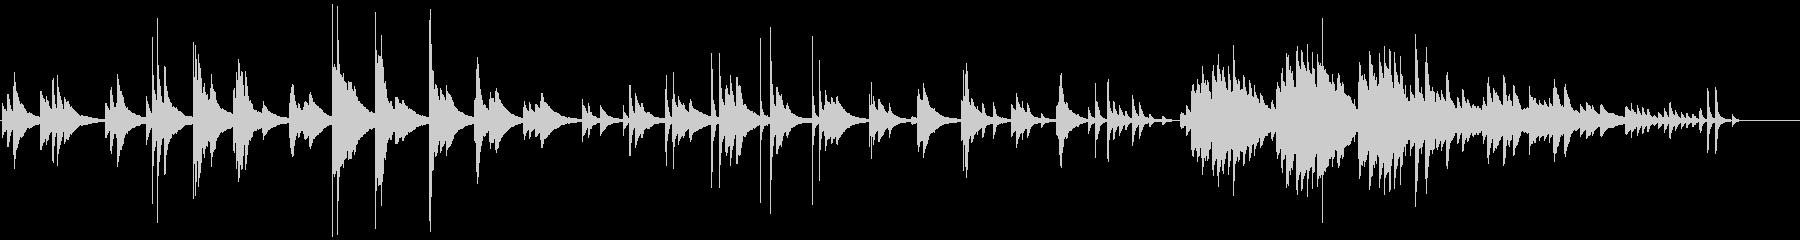 切なく神秘的なピアノバラードの未再生の波形